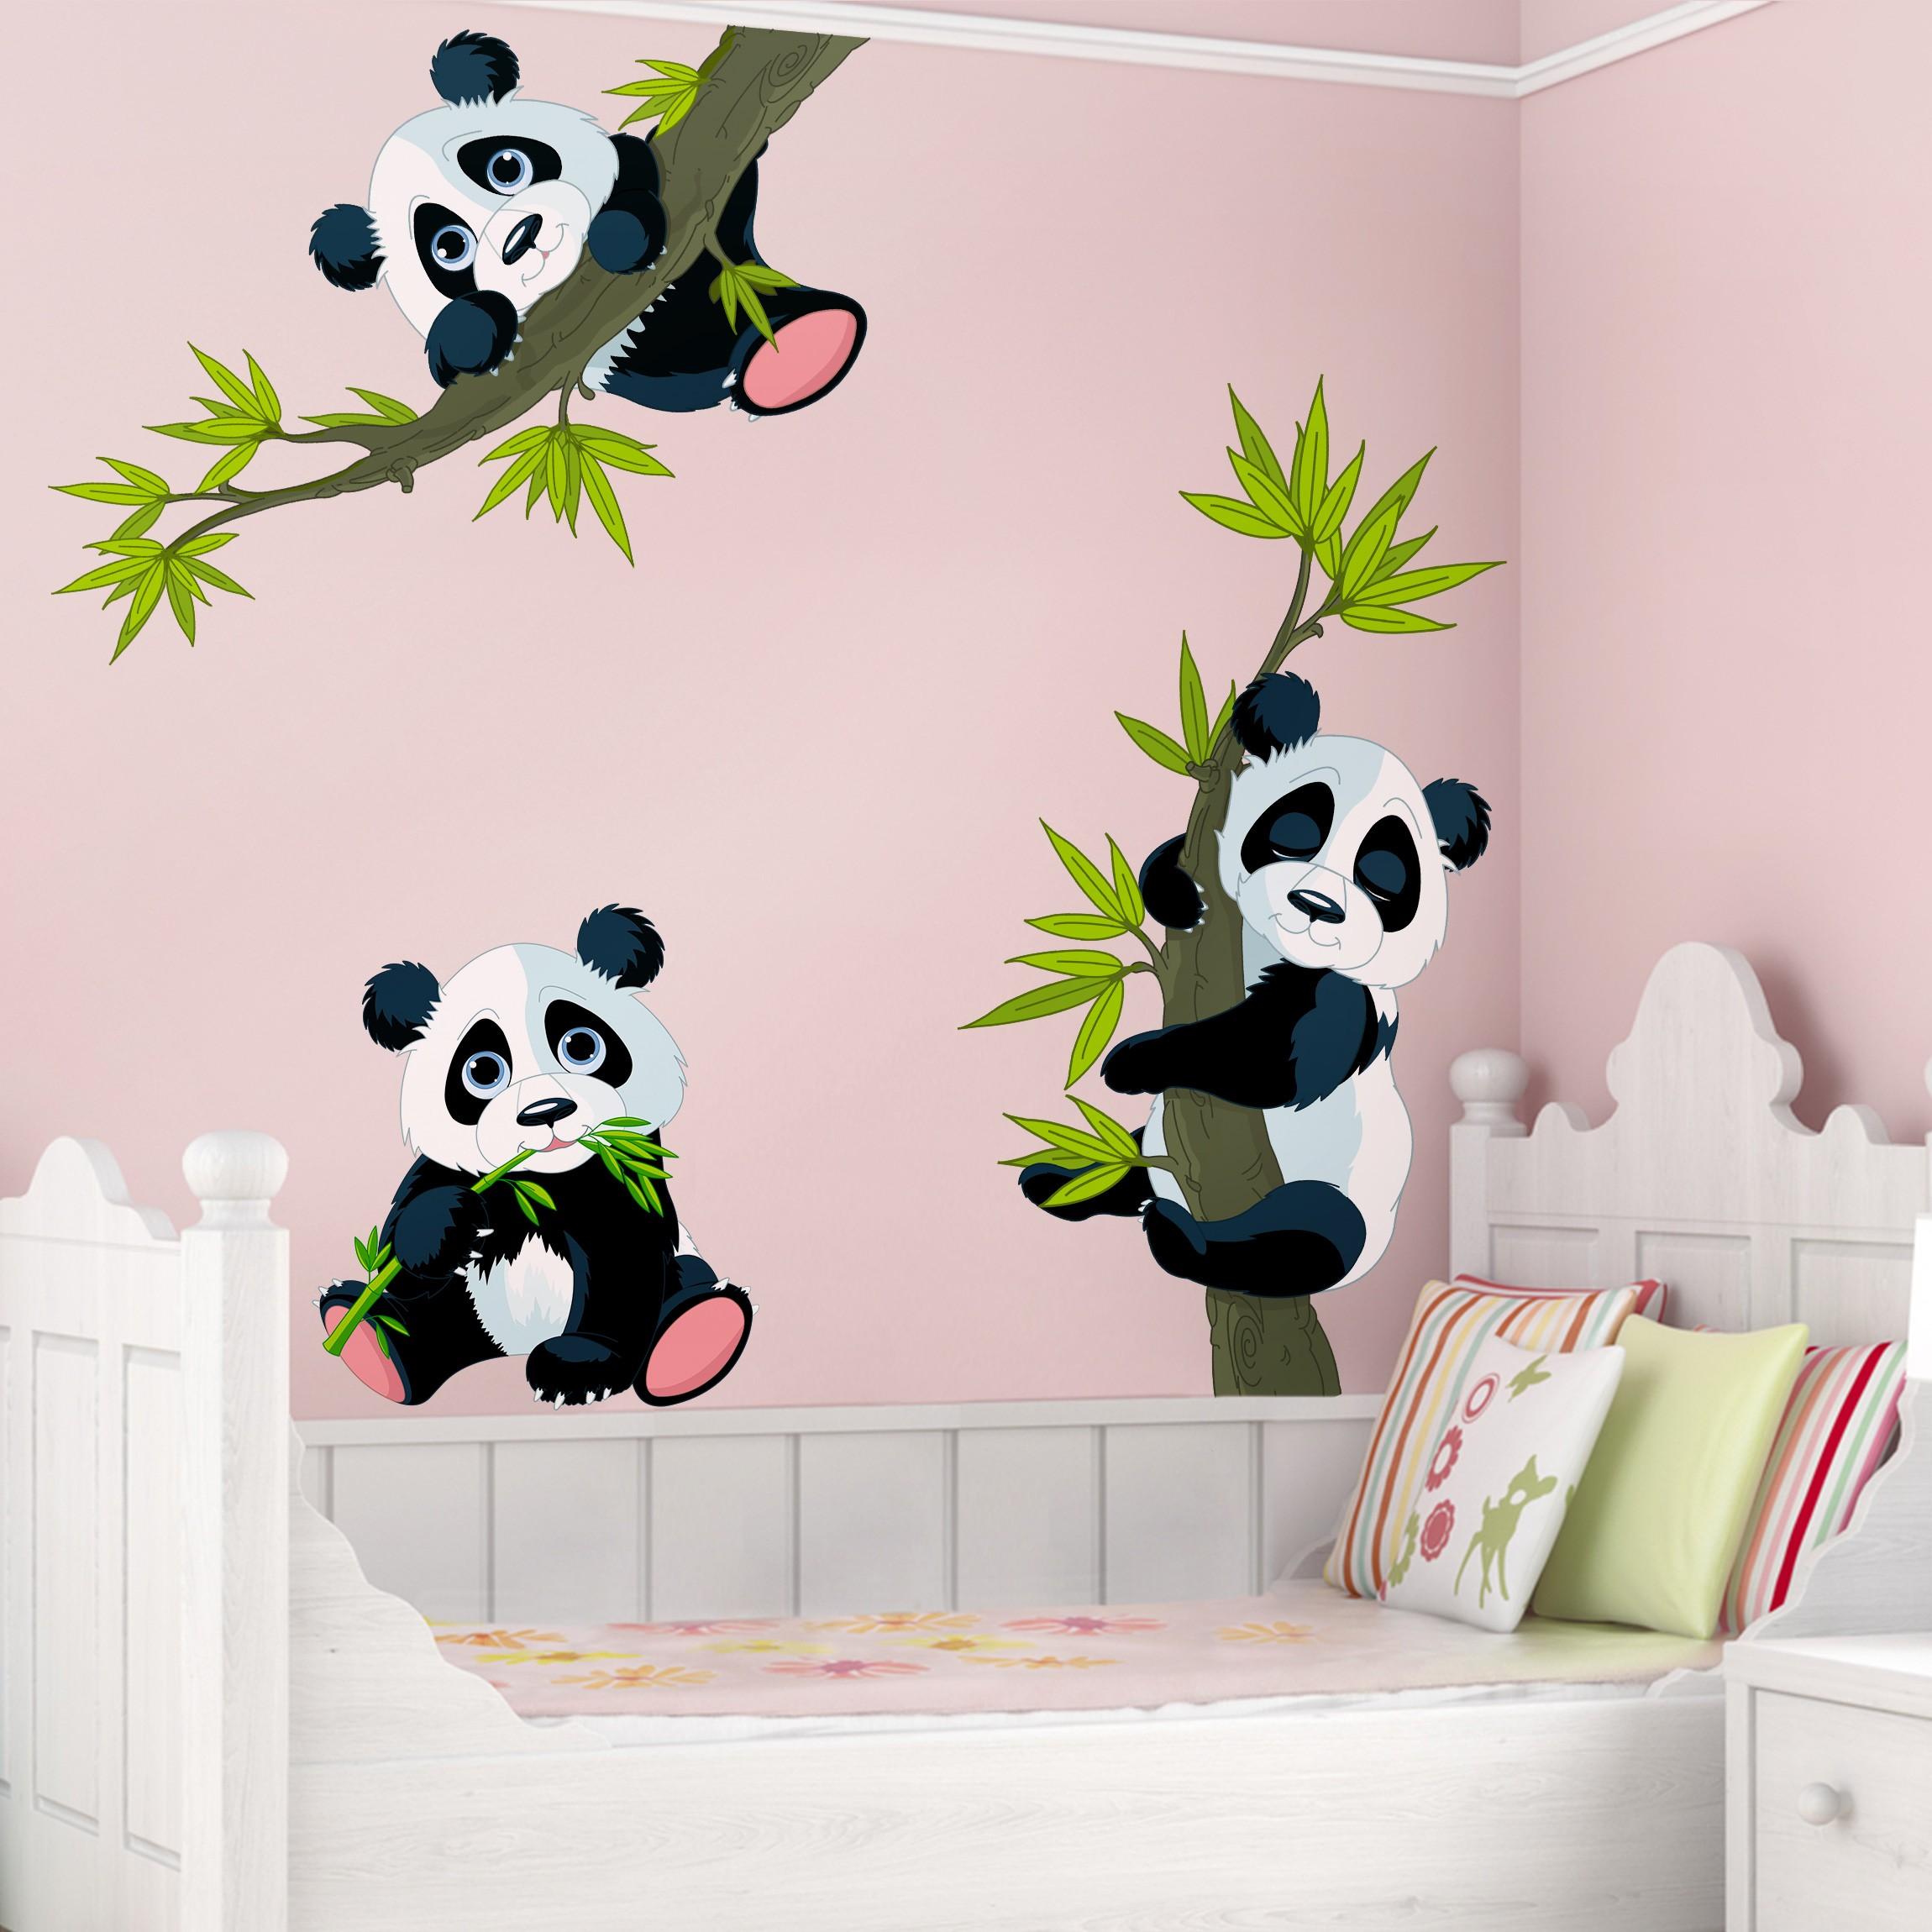 Full Size of Wandtattoo Kinderzimmer Pandabren Set Teppich Für Küche Fliesen Dusche Gardinen Schlafzimmer Bilder Fürs Wohnzimmer Regale Folien Fenster Stuhl Glasbilder Kinderzimmer Bilder Für Kinderzimmer